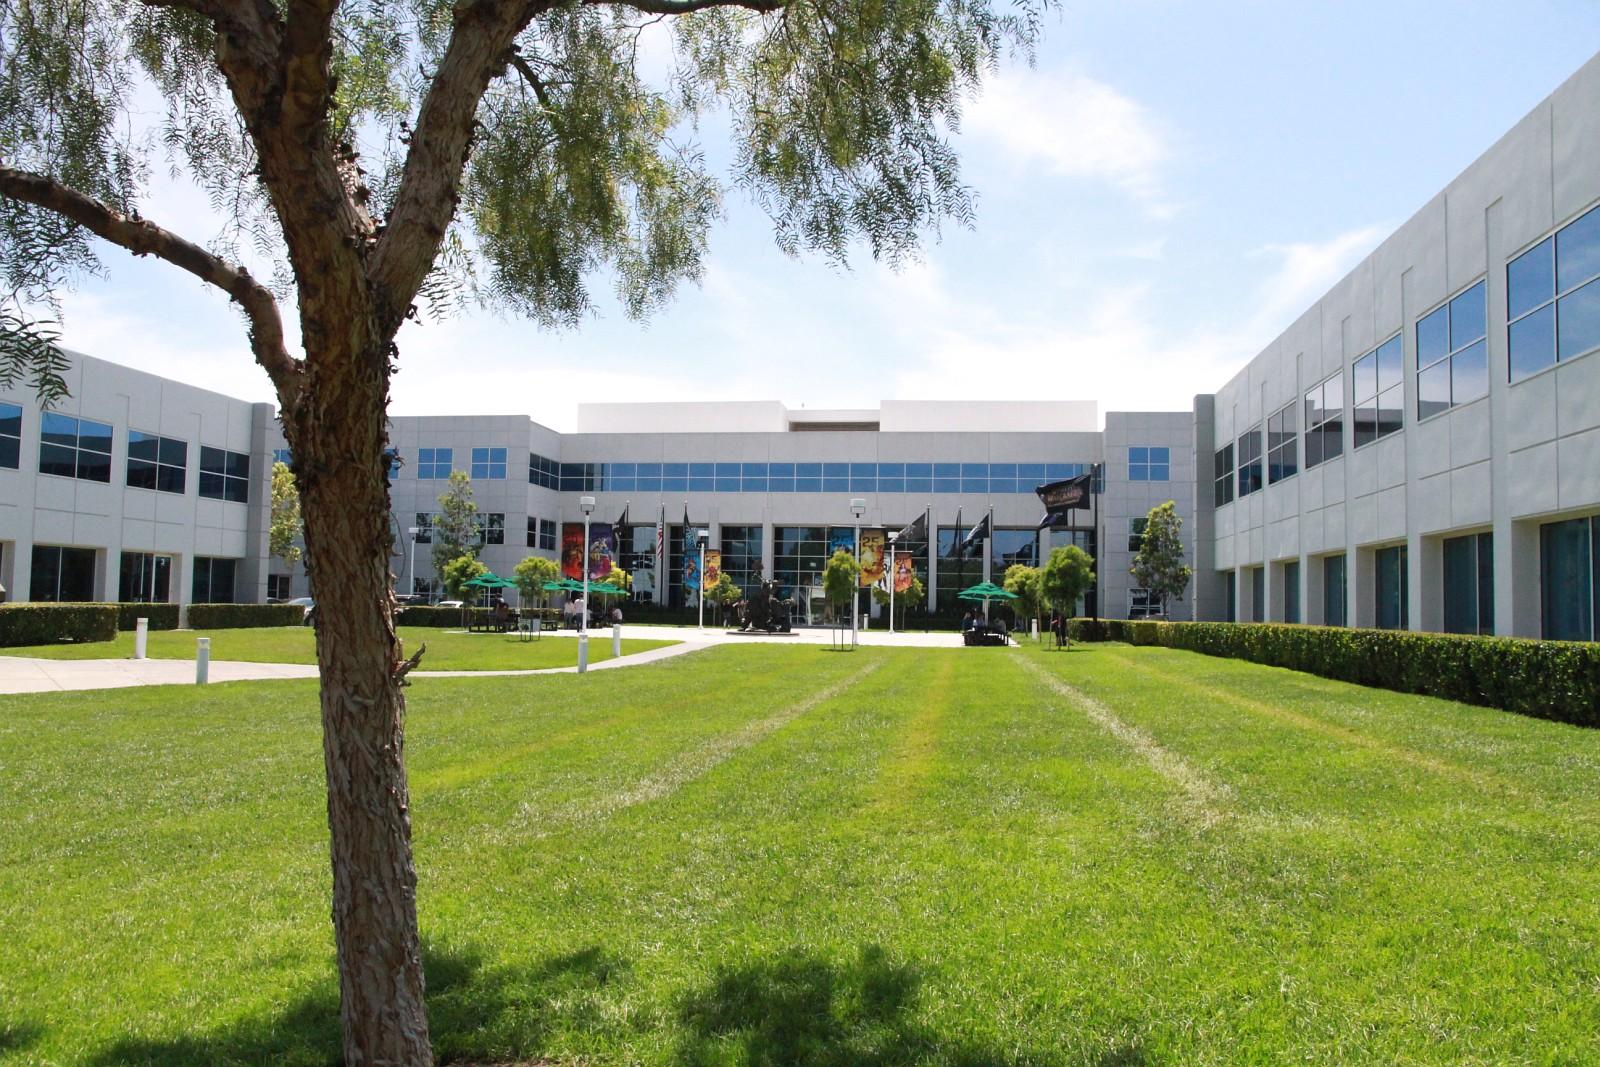 Photo du campus de Blizzard à Irvine prise lors du Press Tour de WoW: Legion le 7 juin 2016.